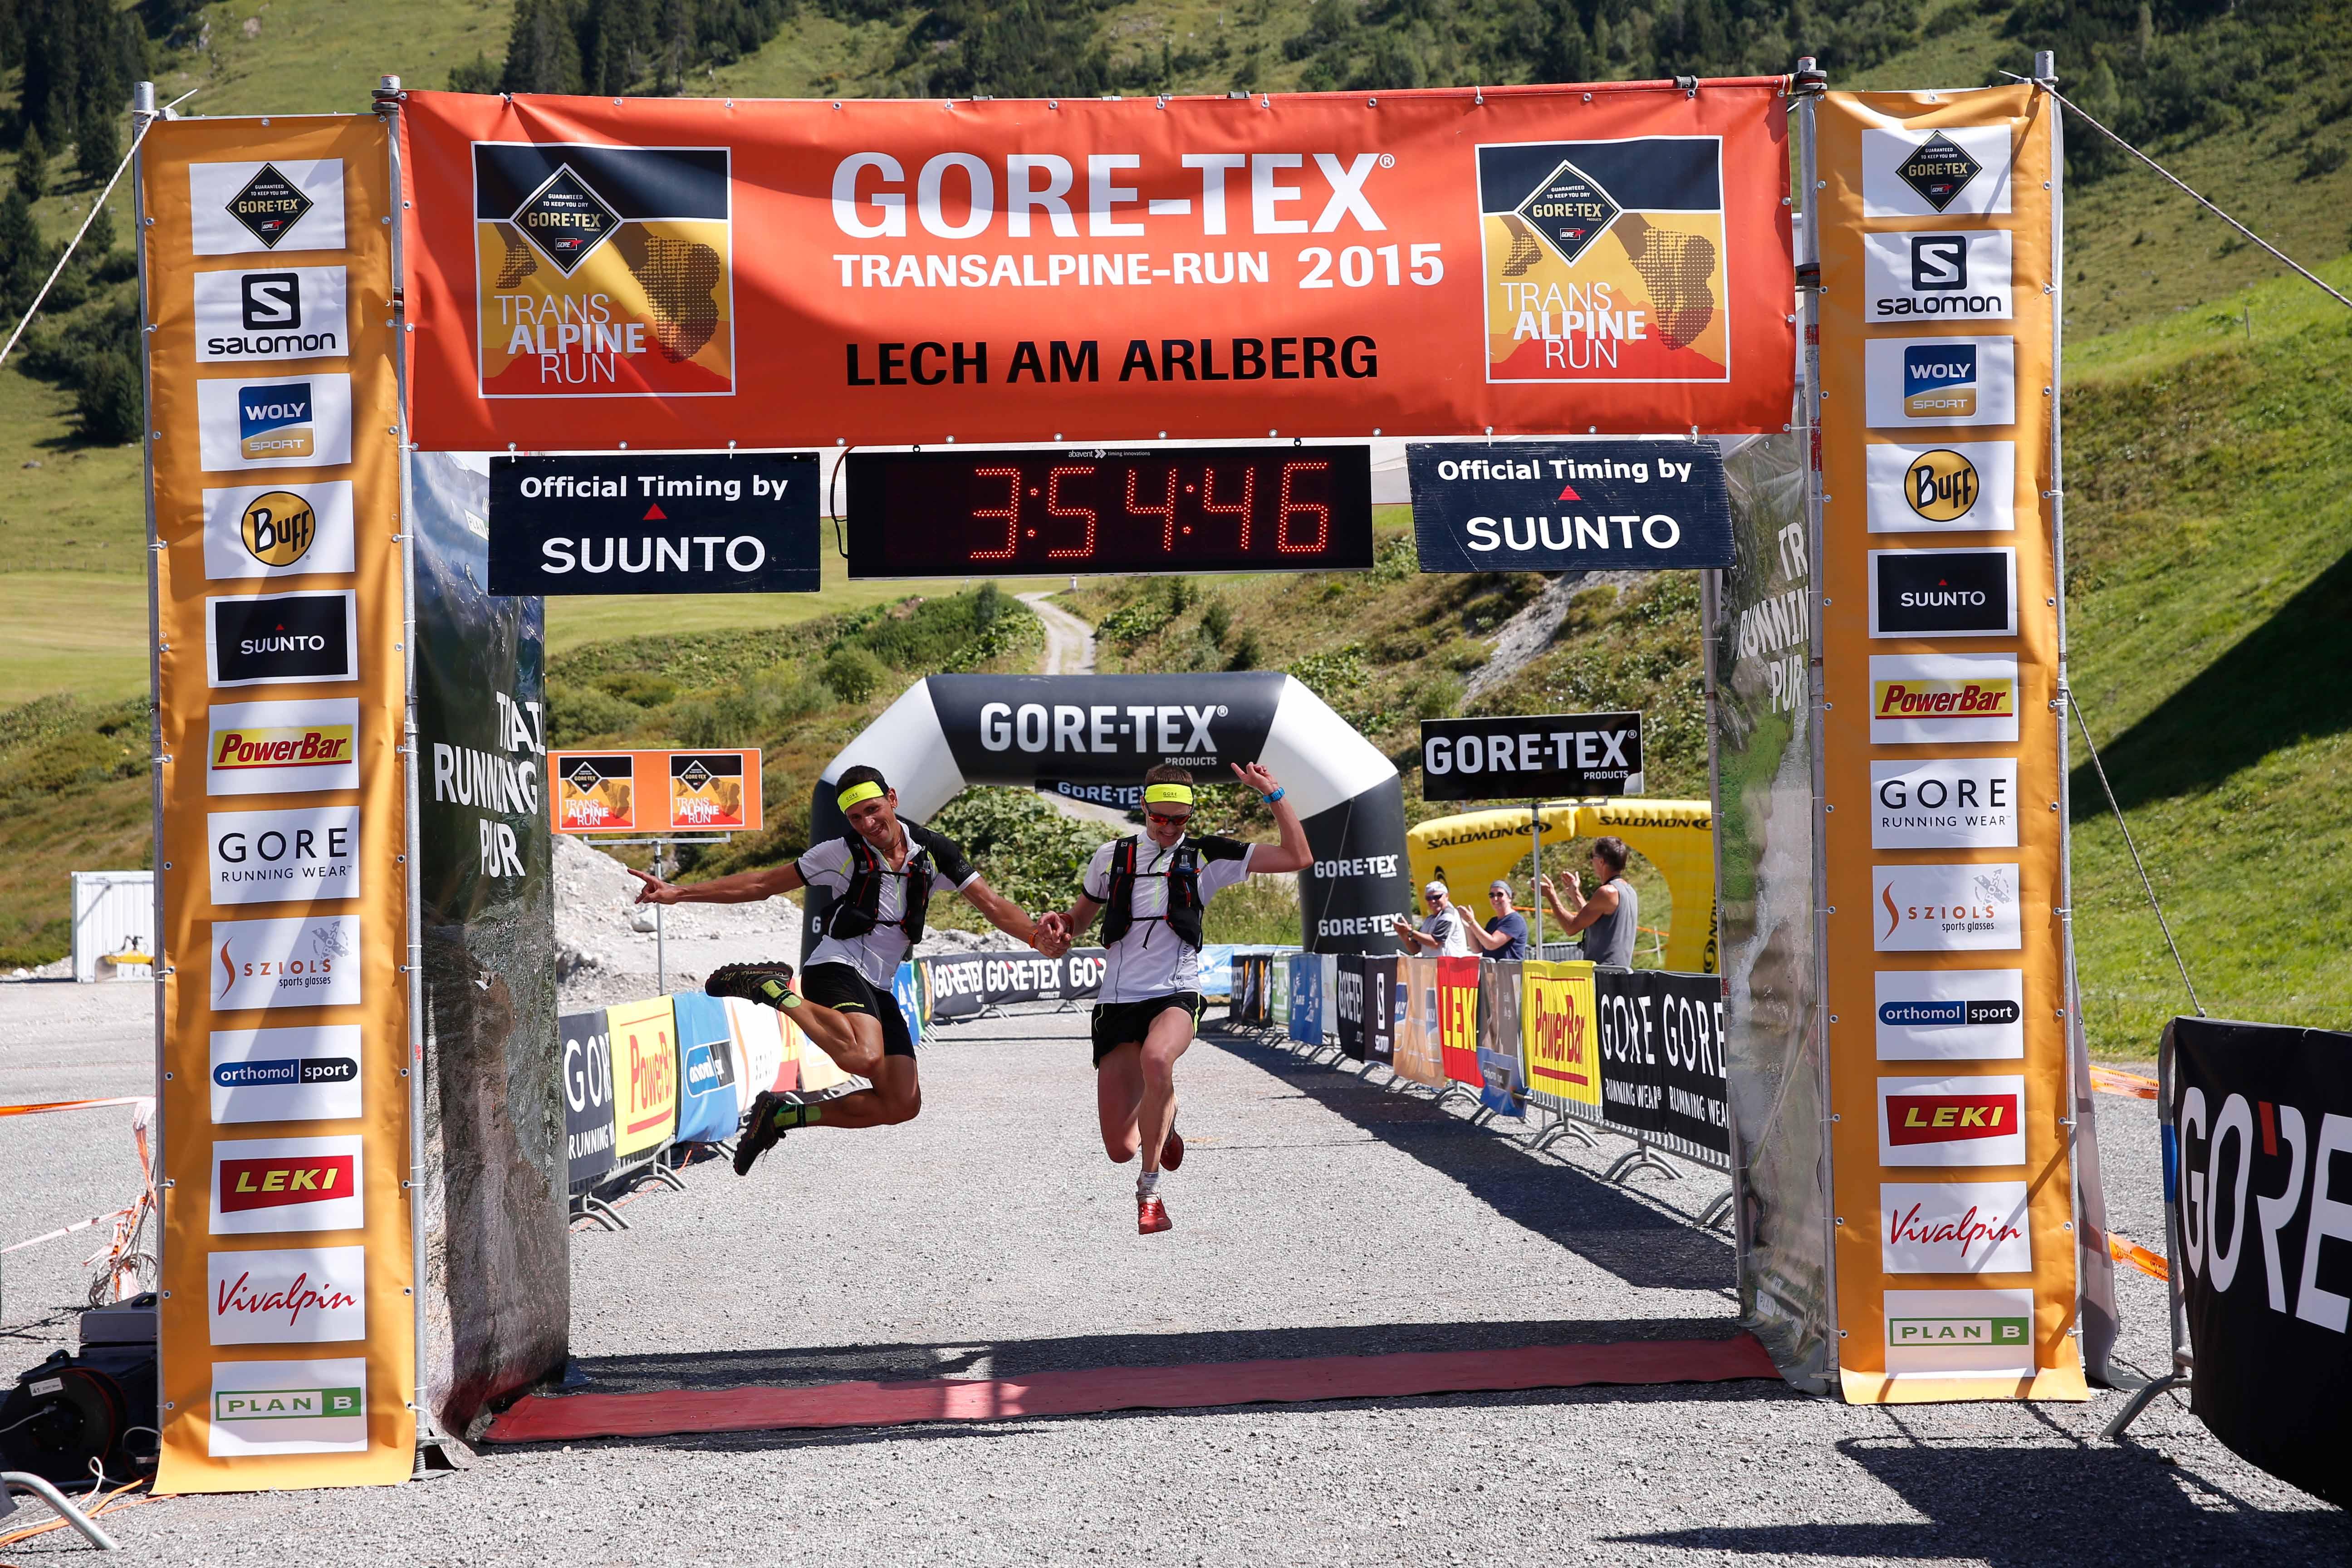 Al via la Gore Tex Transalpine Run 2015